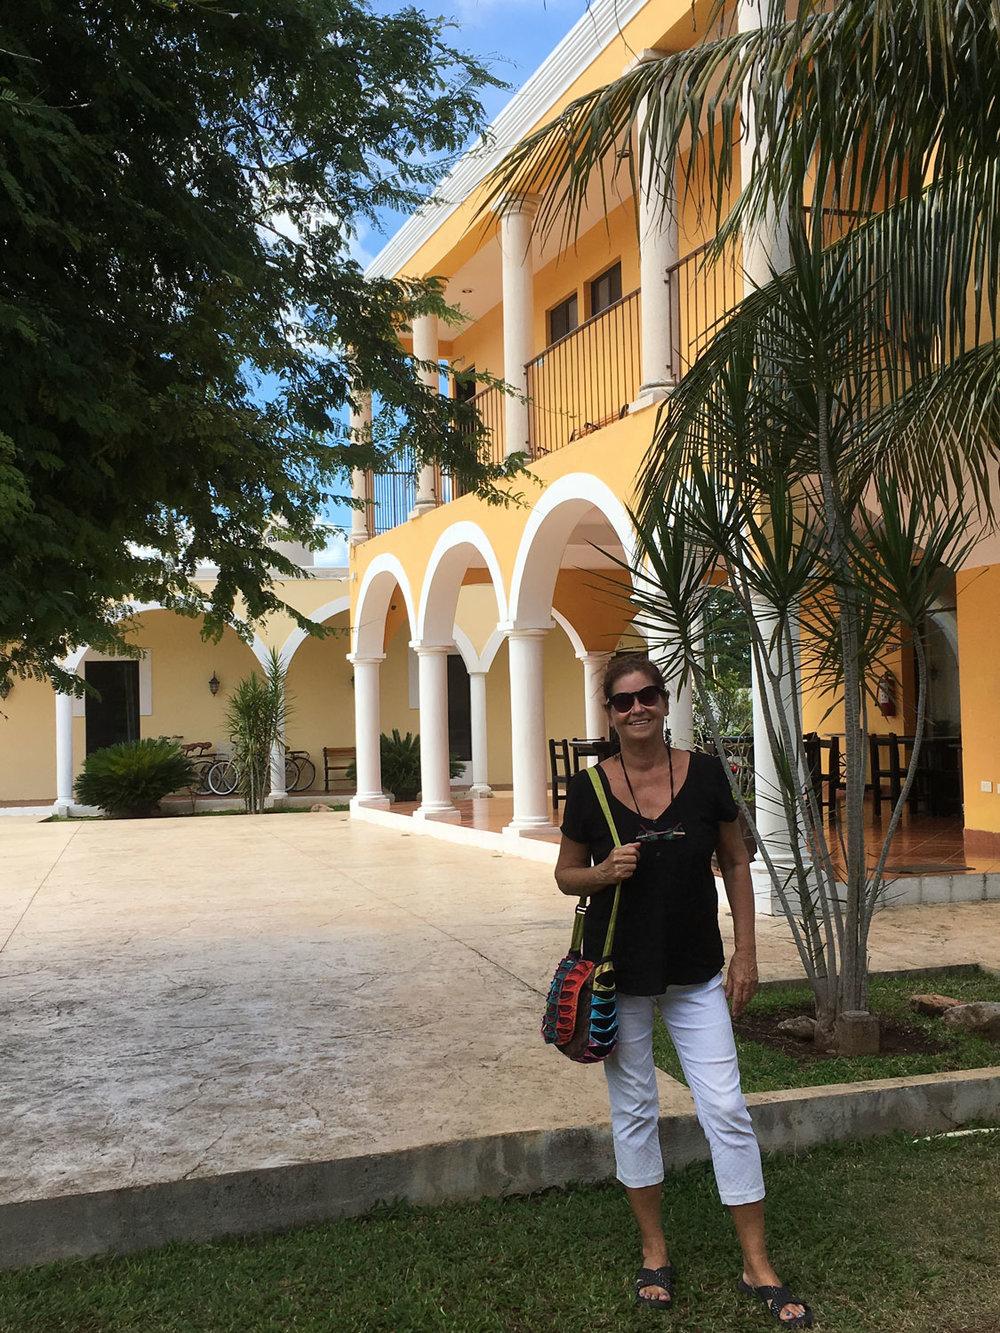 Hammocks_and_Ruins_Blog_Riviera_Maya_Mexico_Travel_Discover_Yucatan_What_to_do_Merida_Izamal_Town_73.jpg